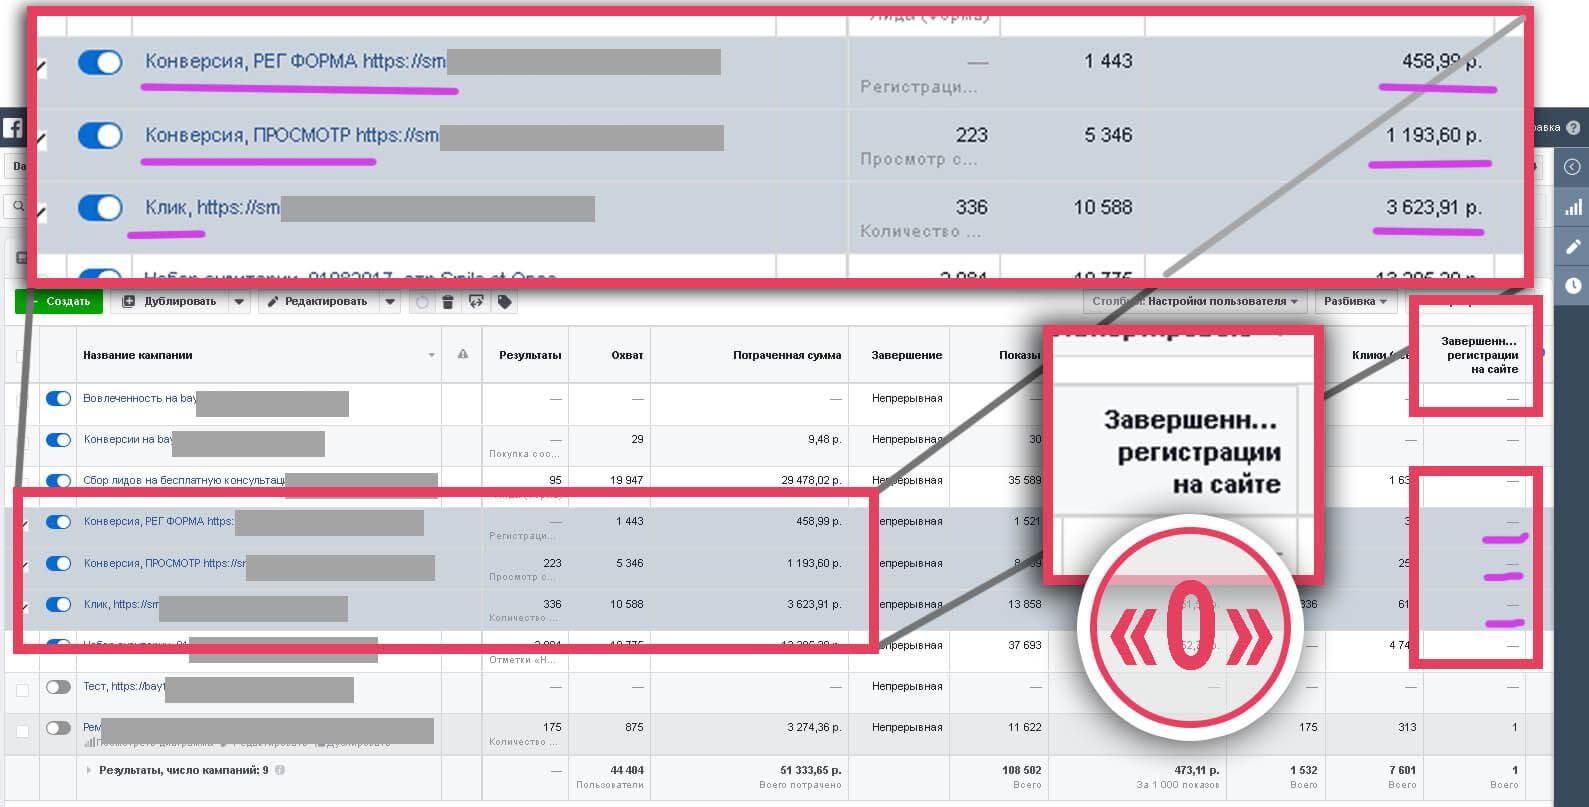 Скрин из менеджера рекламы Фейсбук, с полученными регистрациями на бесплатную консультацию в клинике стоматологии, где видно стоимость клиента.